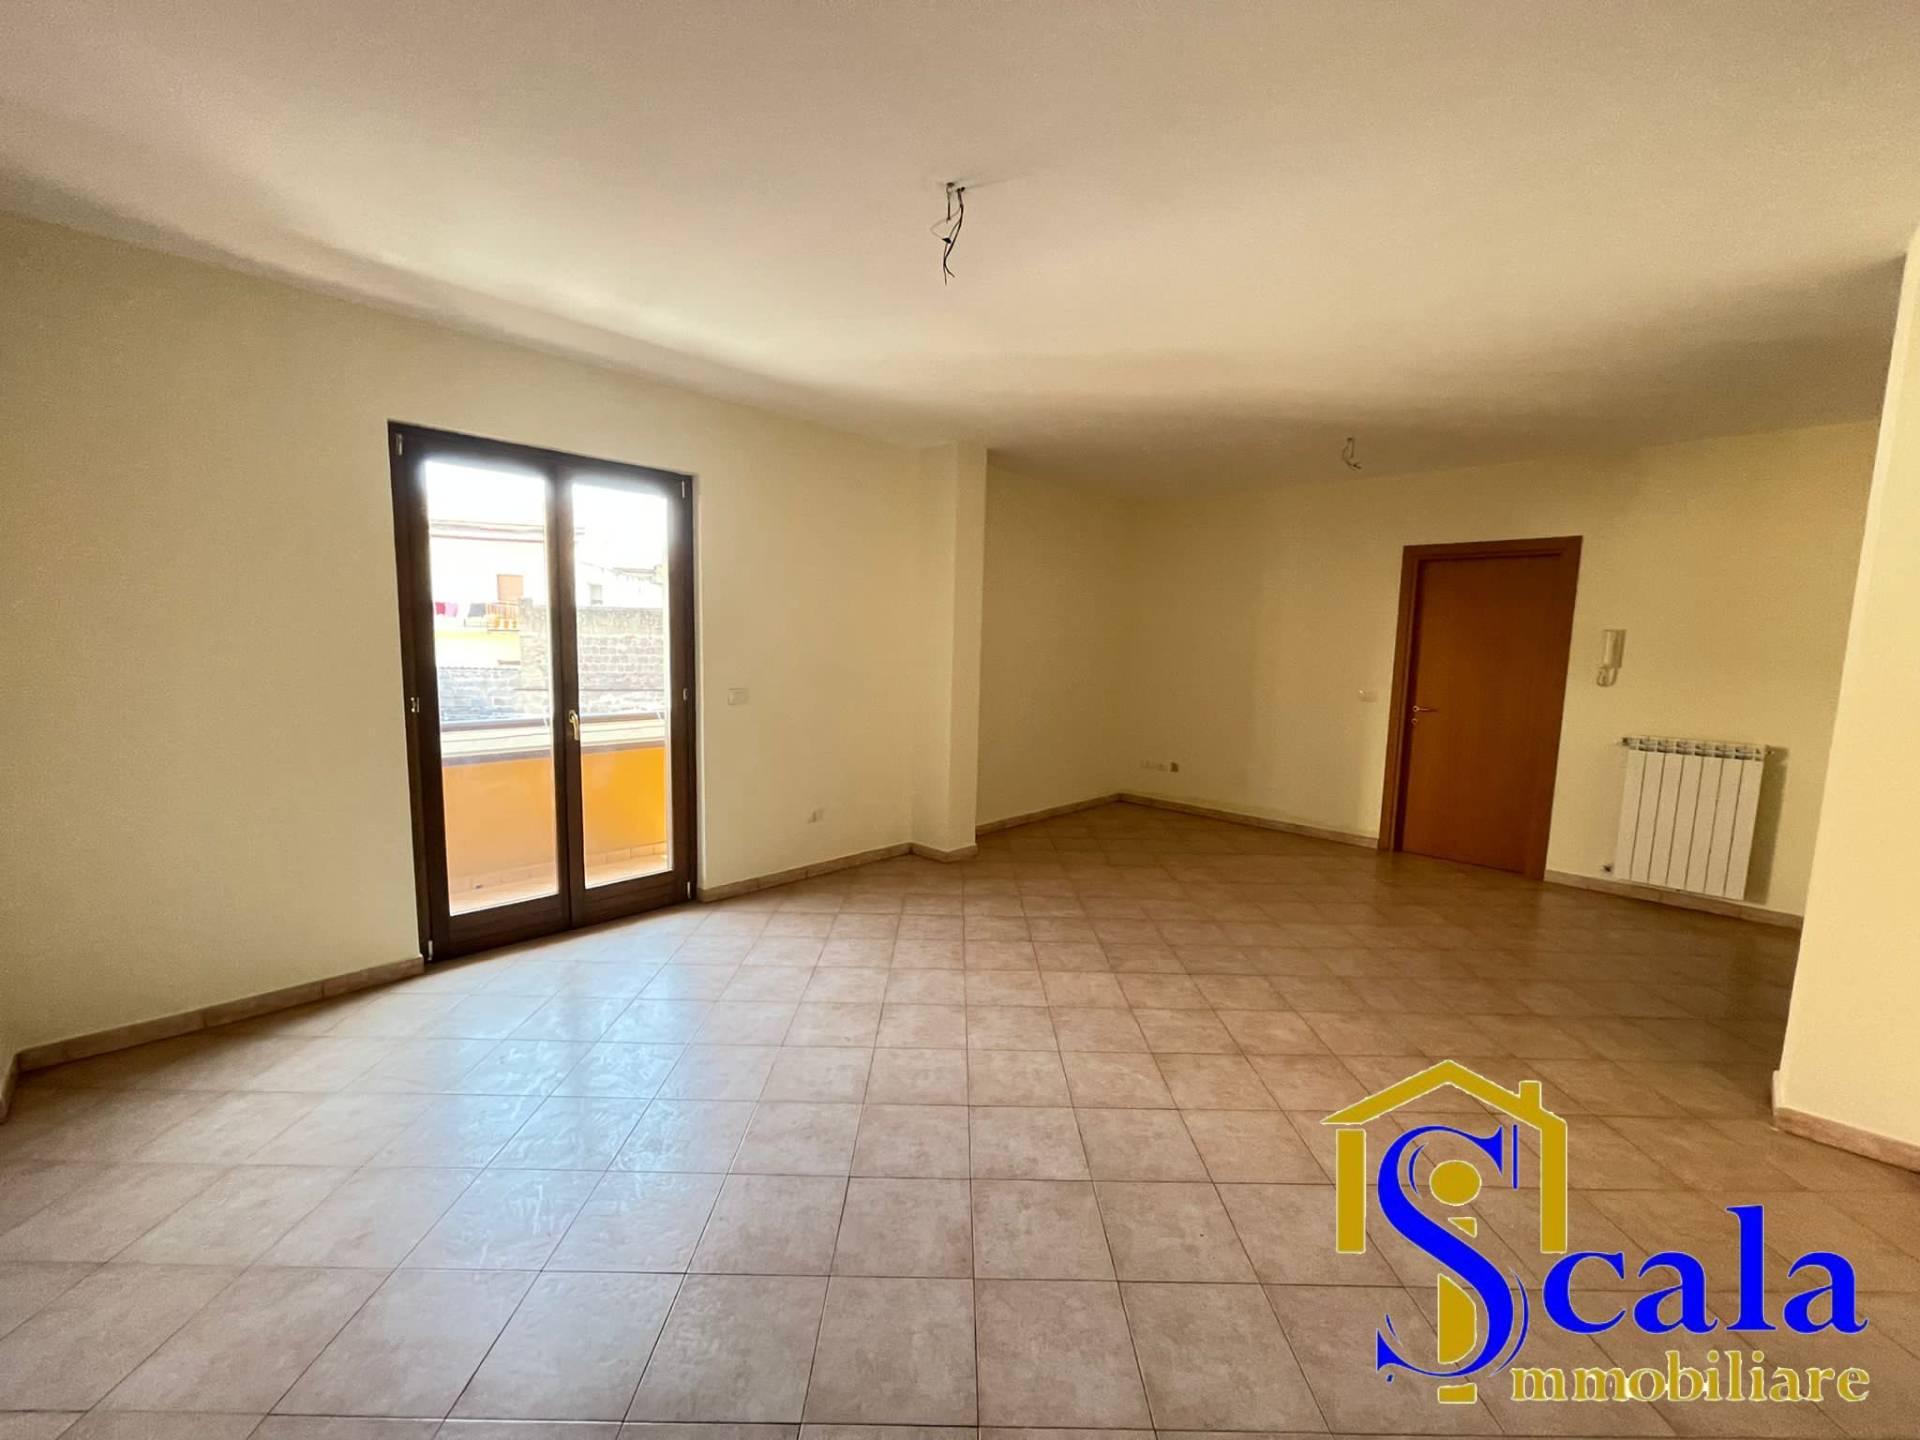 Appartamento in vendita a Vitulazio, 3 locali, prezzo € 95.000   CambioCasa.it